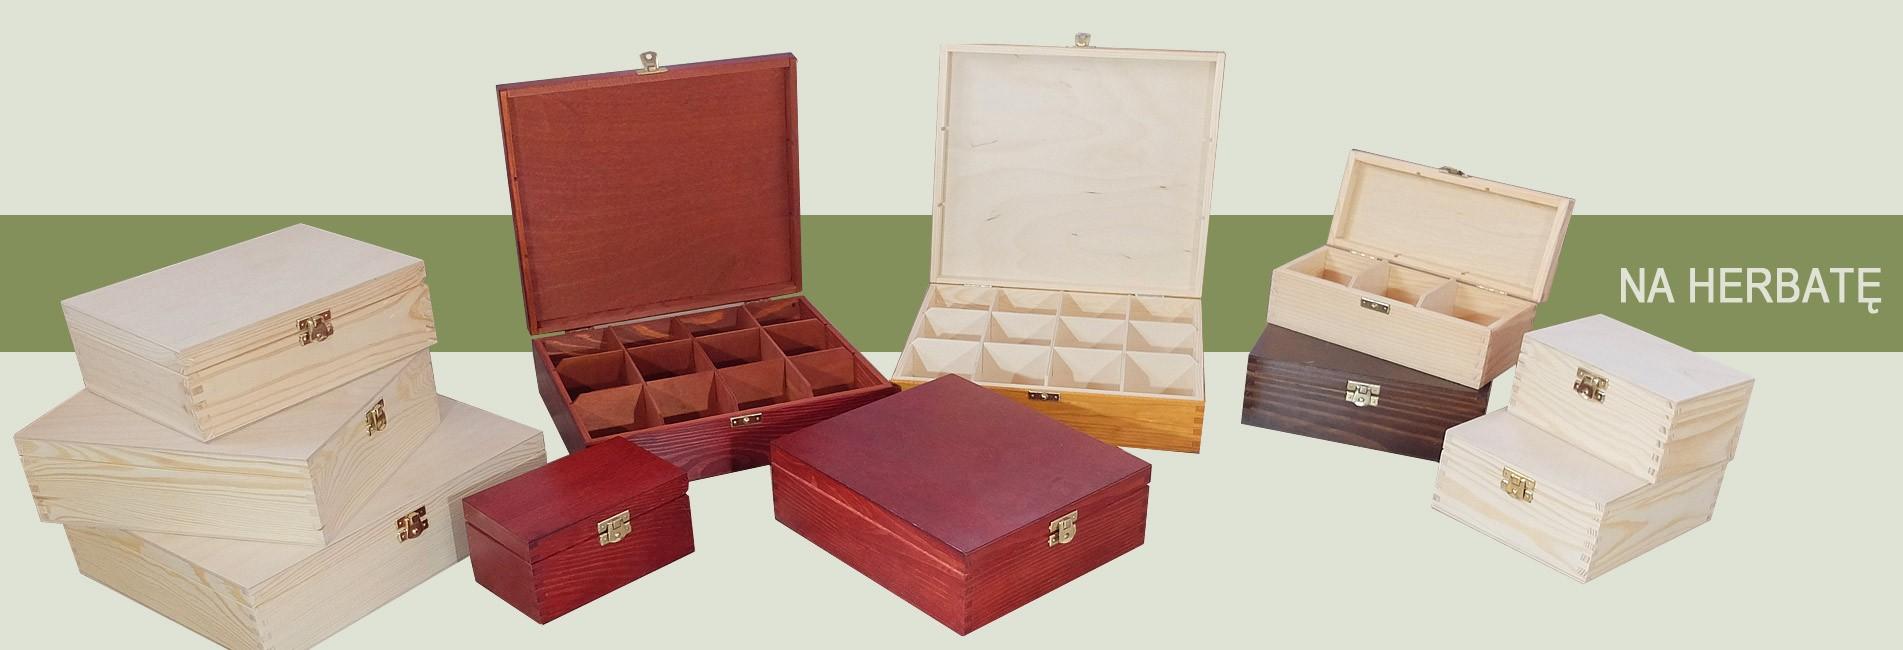 Pudełka z drewna na herbatę